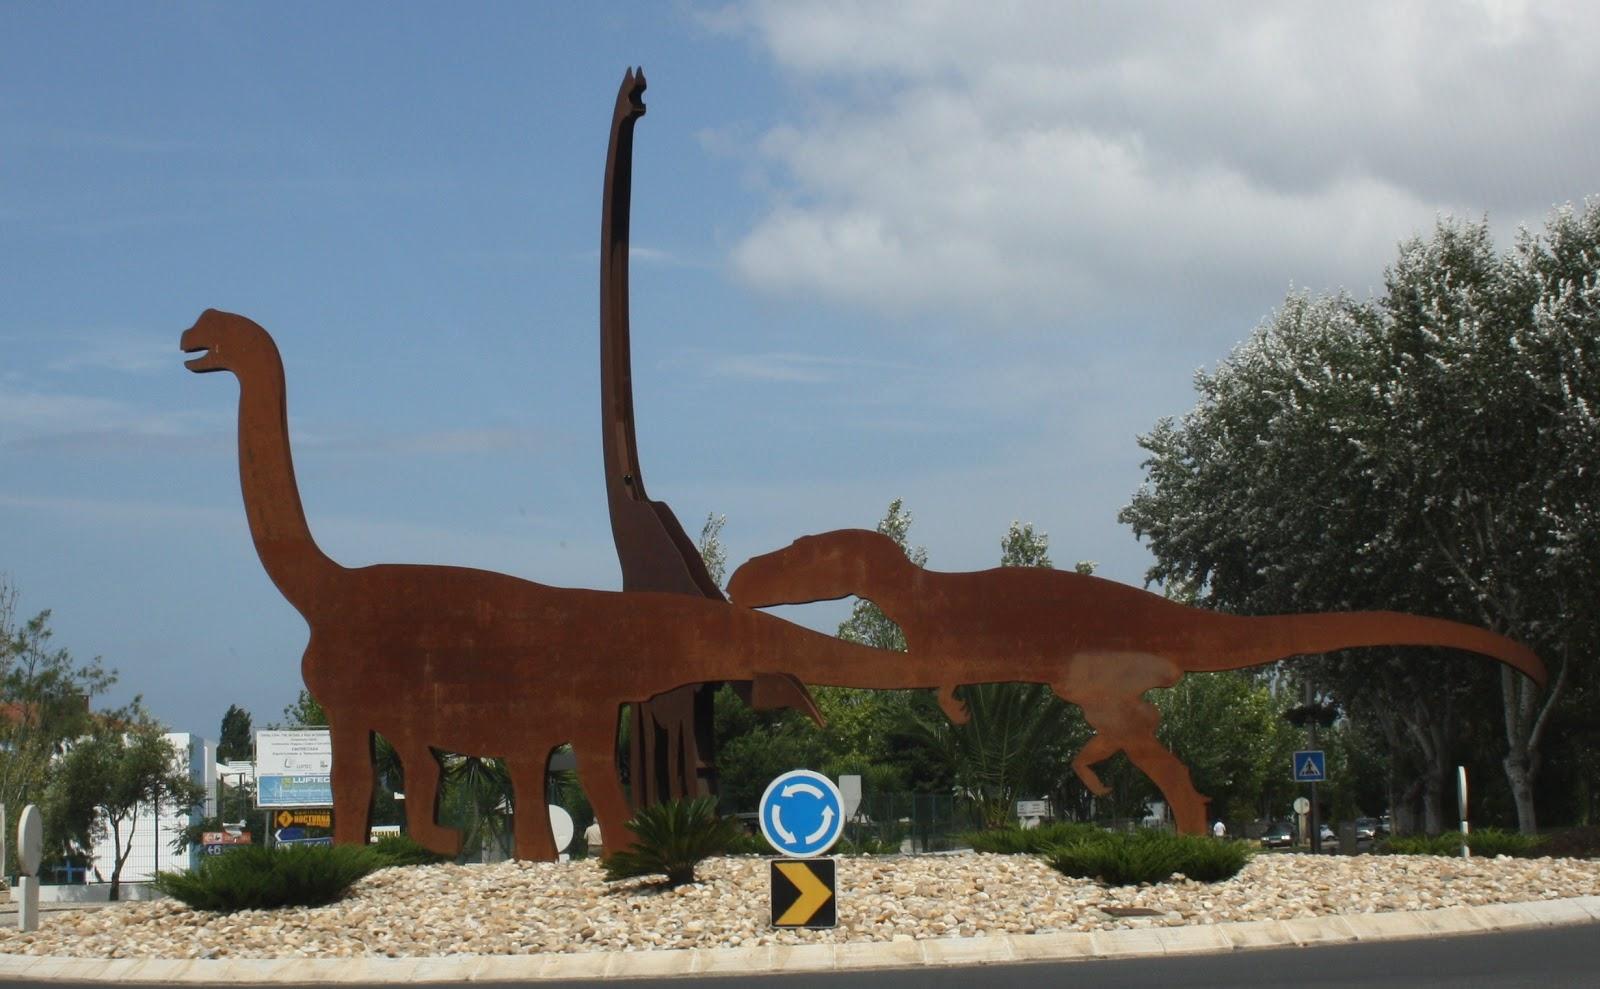 Lourinha Portugal  city photos : Viajar e descobrir: Portugal Lourinhã Rotunda dos Dinossauros